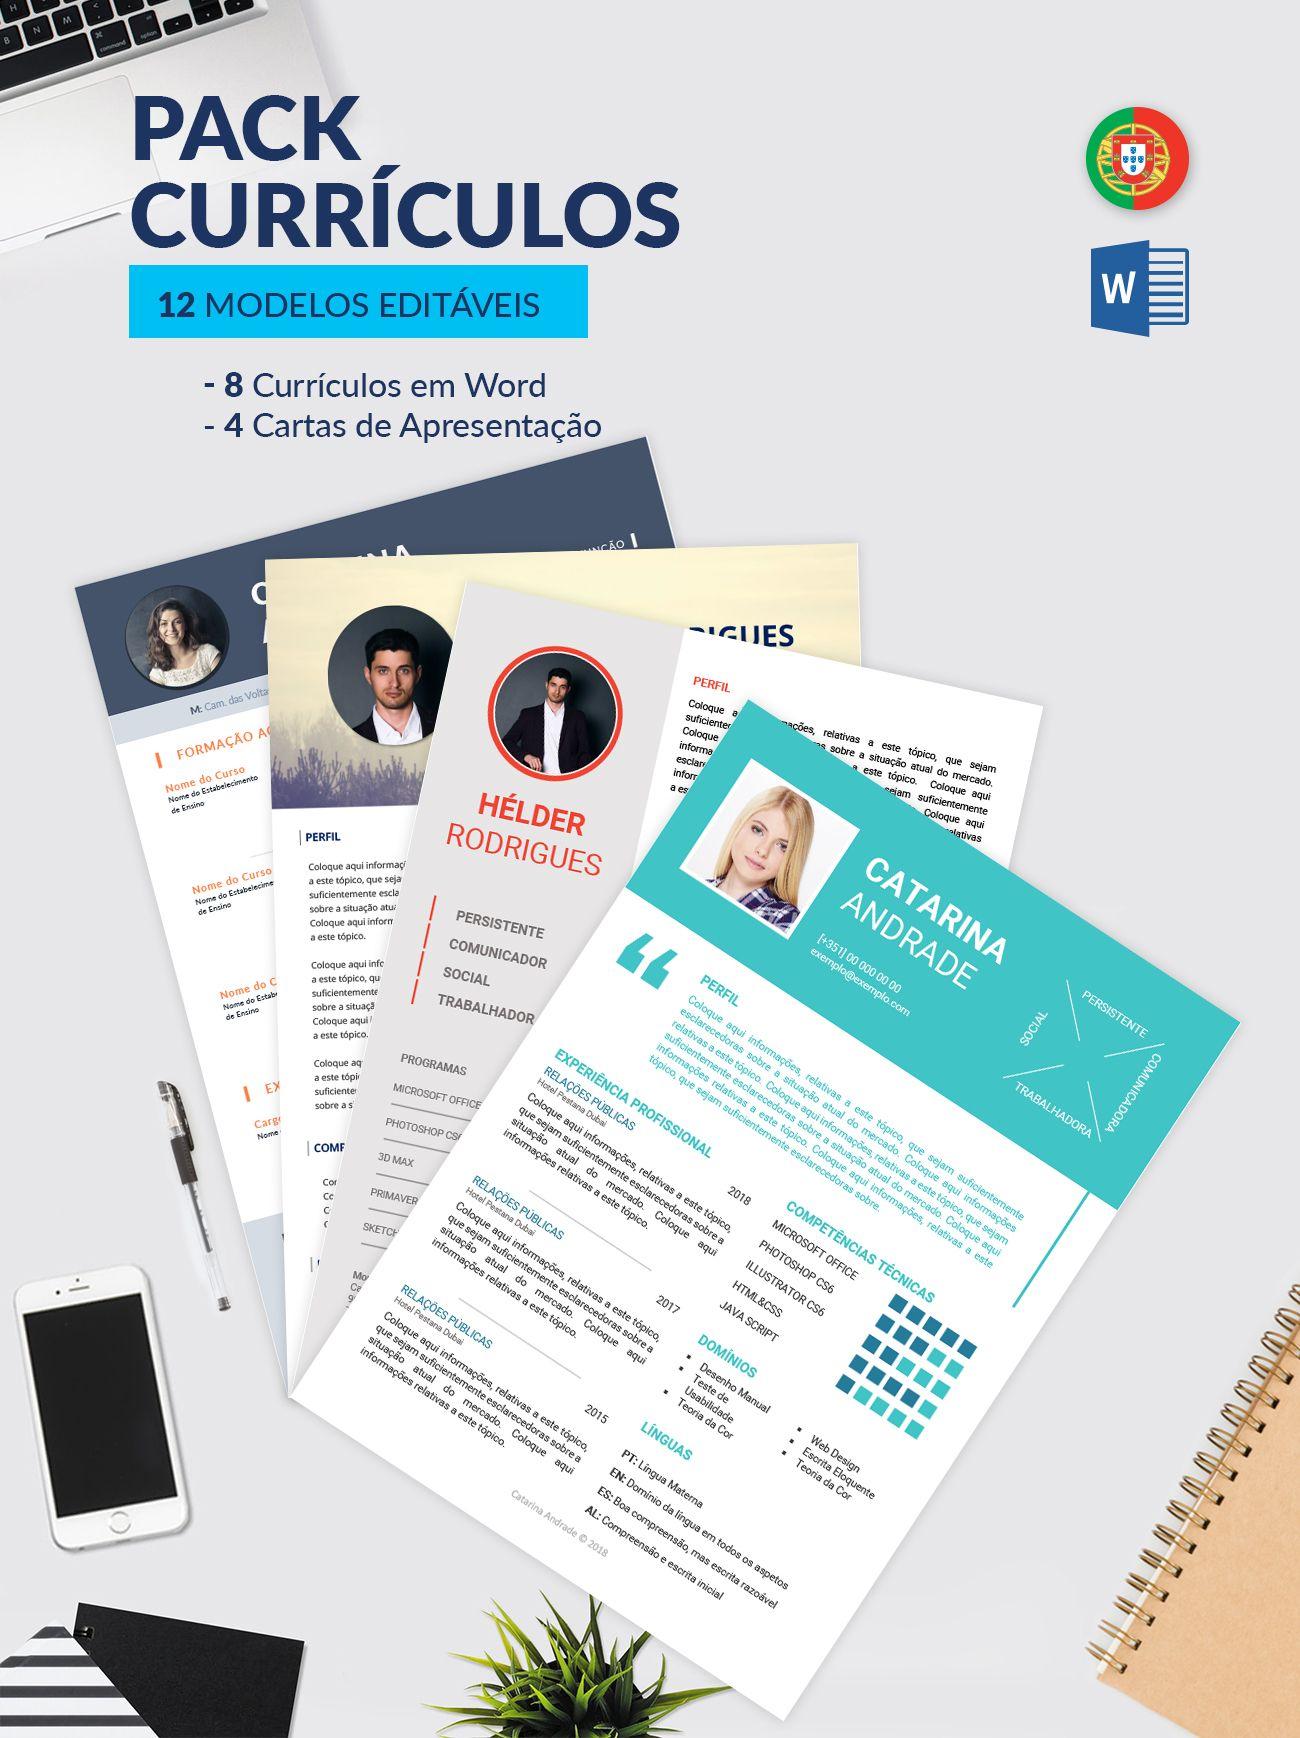 Modelos De Curriculos E De Cartas De Apresentacao Editaveis Em